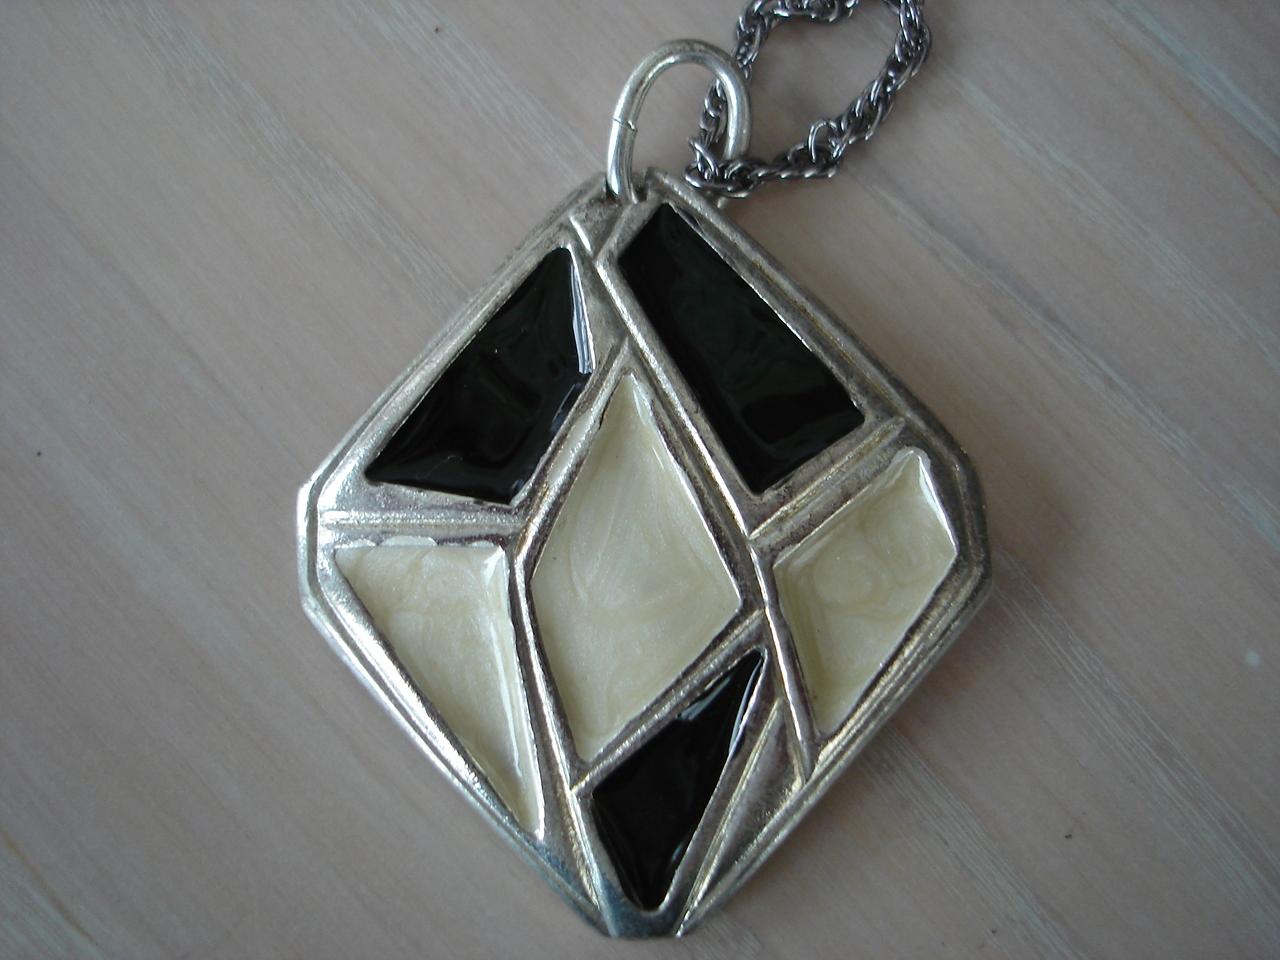 Vintage Black White Enameled Silvertone Pendant Necklace, Ch Bonanza